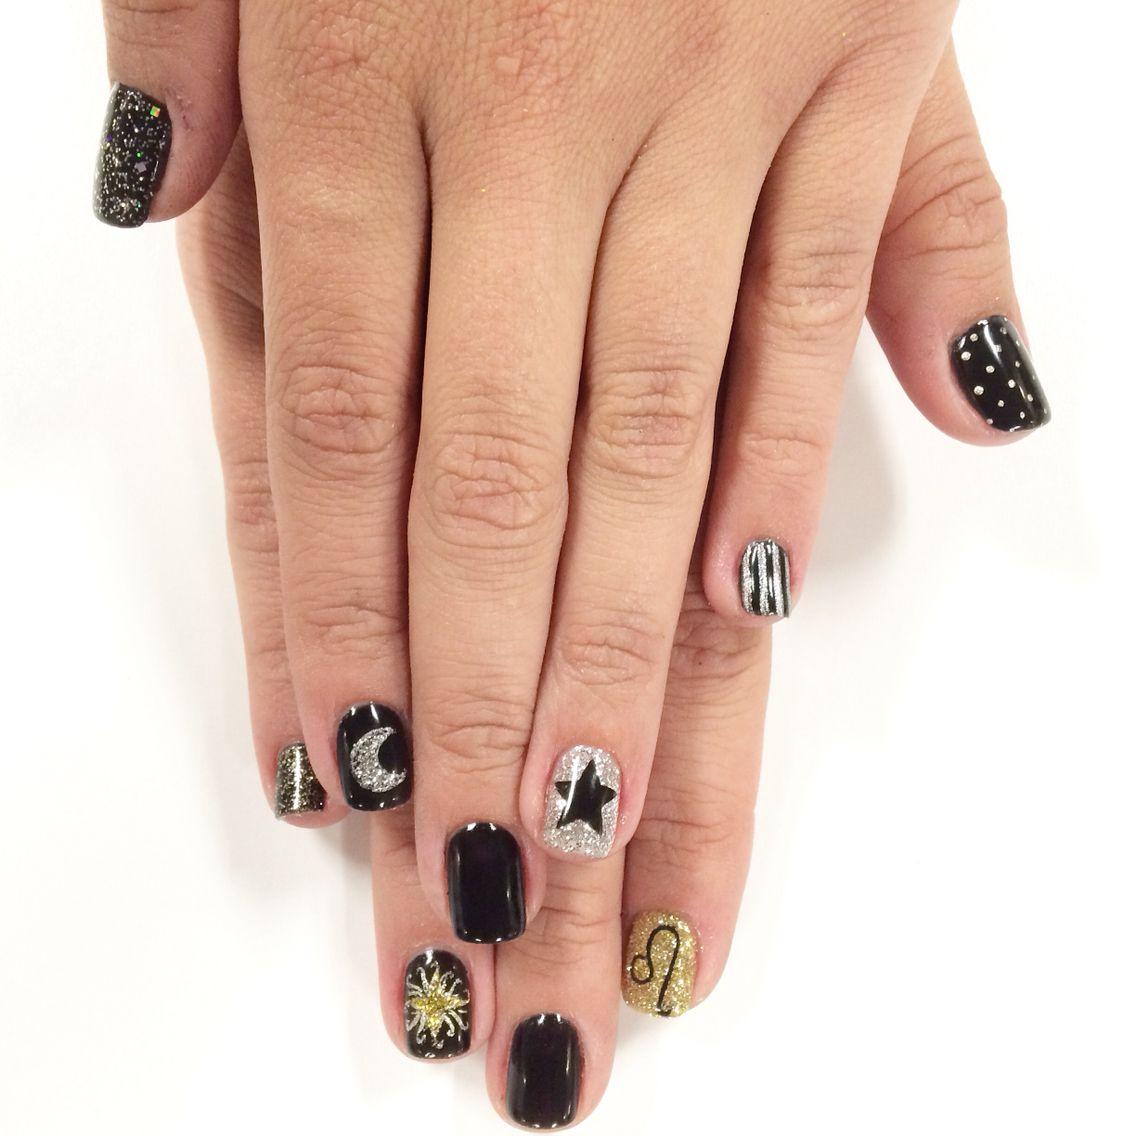 Nail clipart nail art design. Moon star sun and